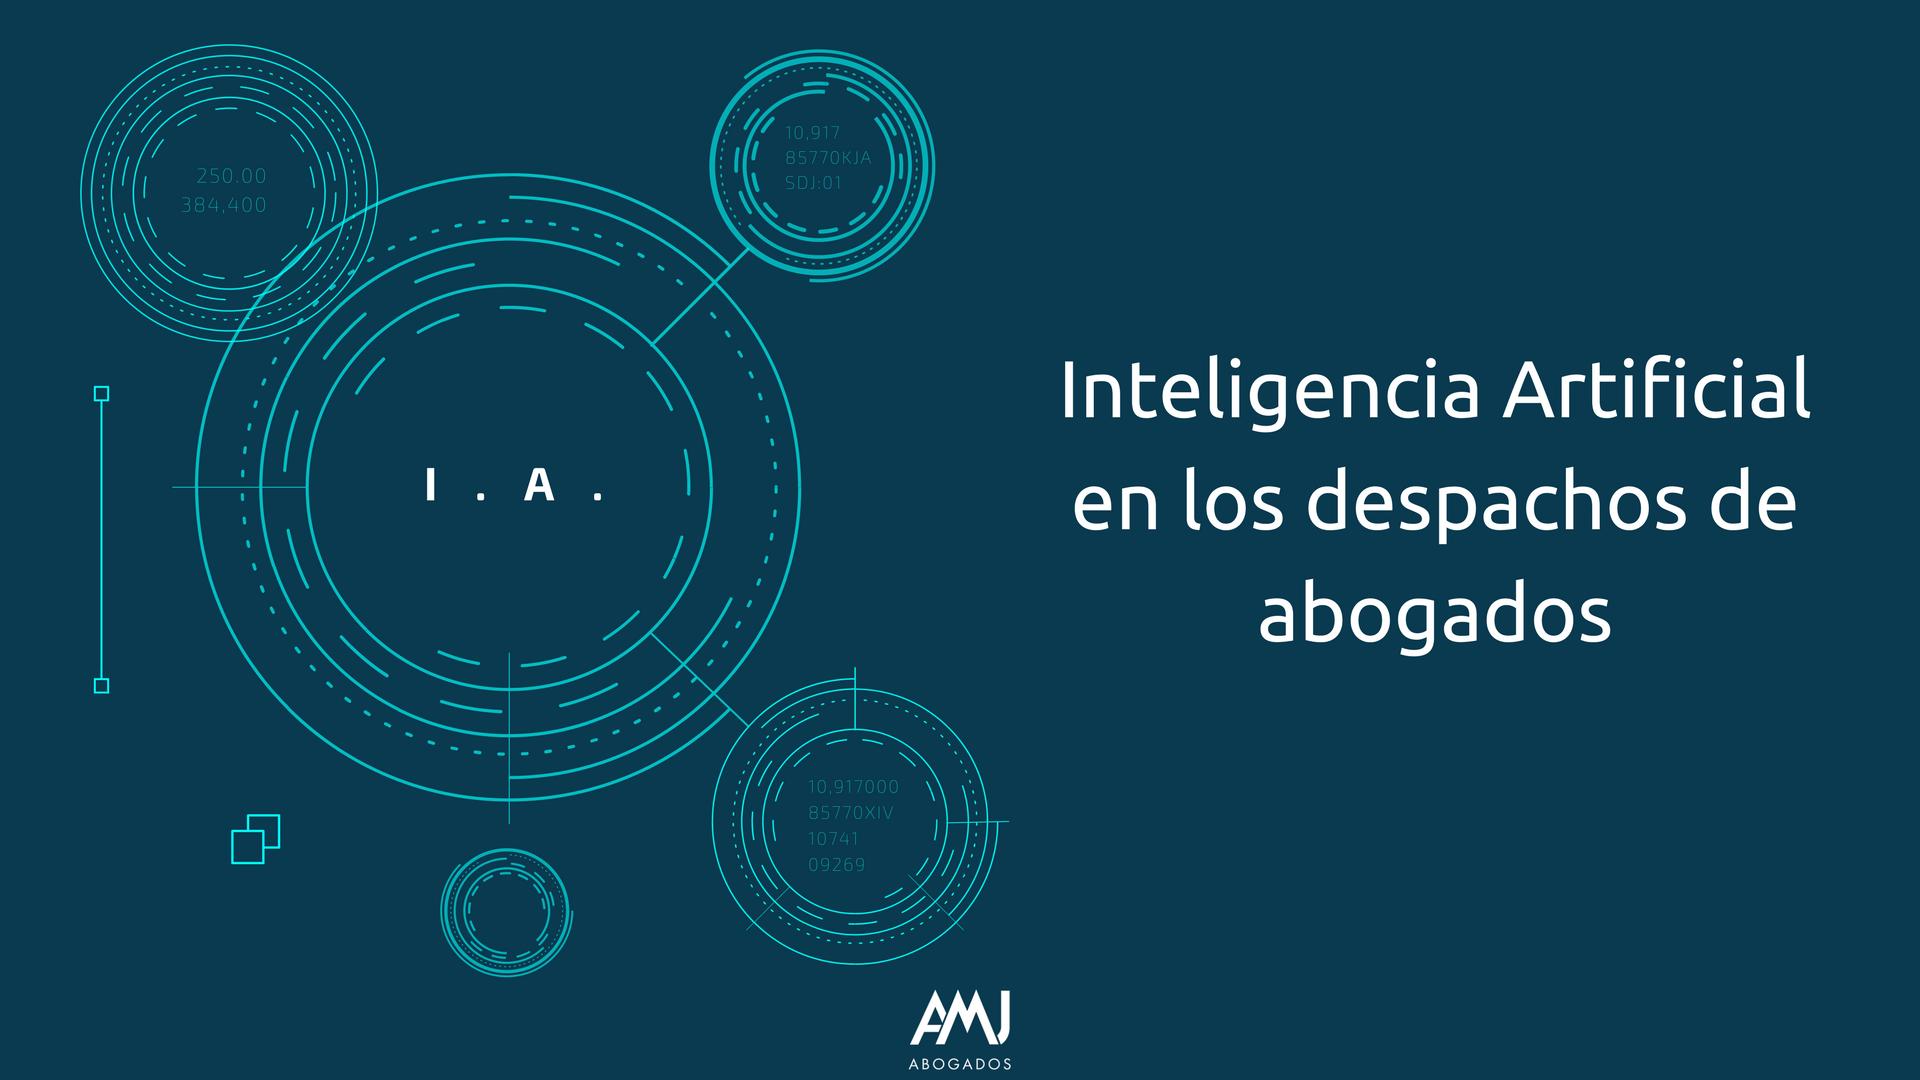 La inteligencia artificial en los despachos de abogados